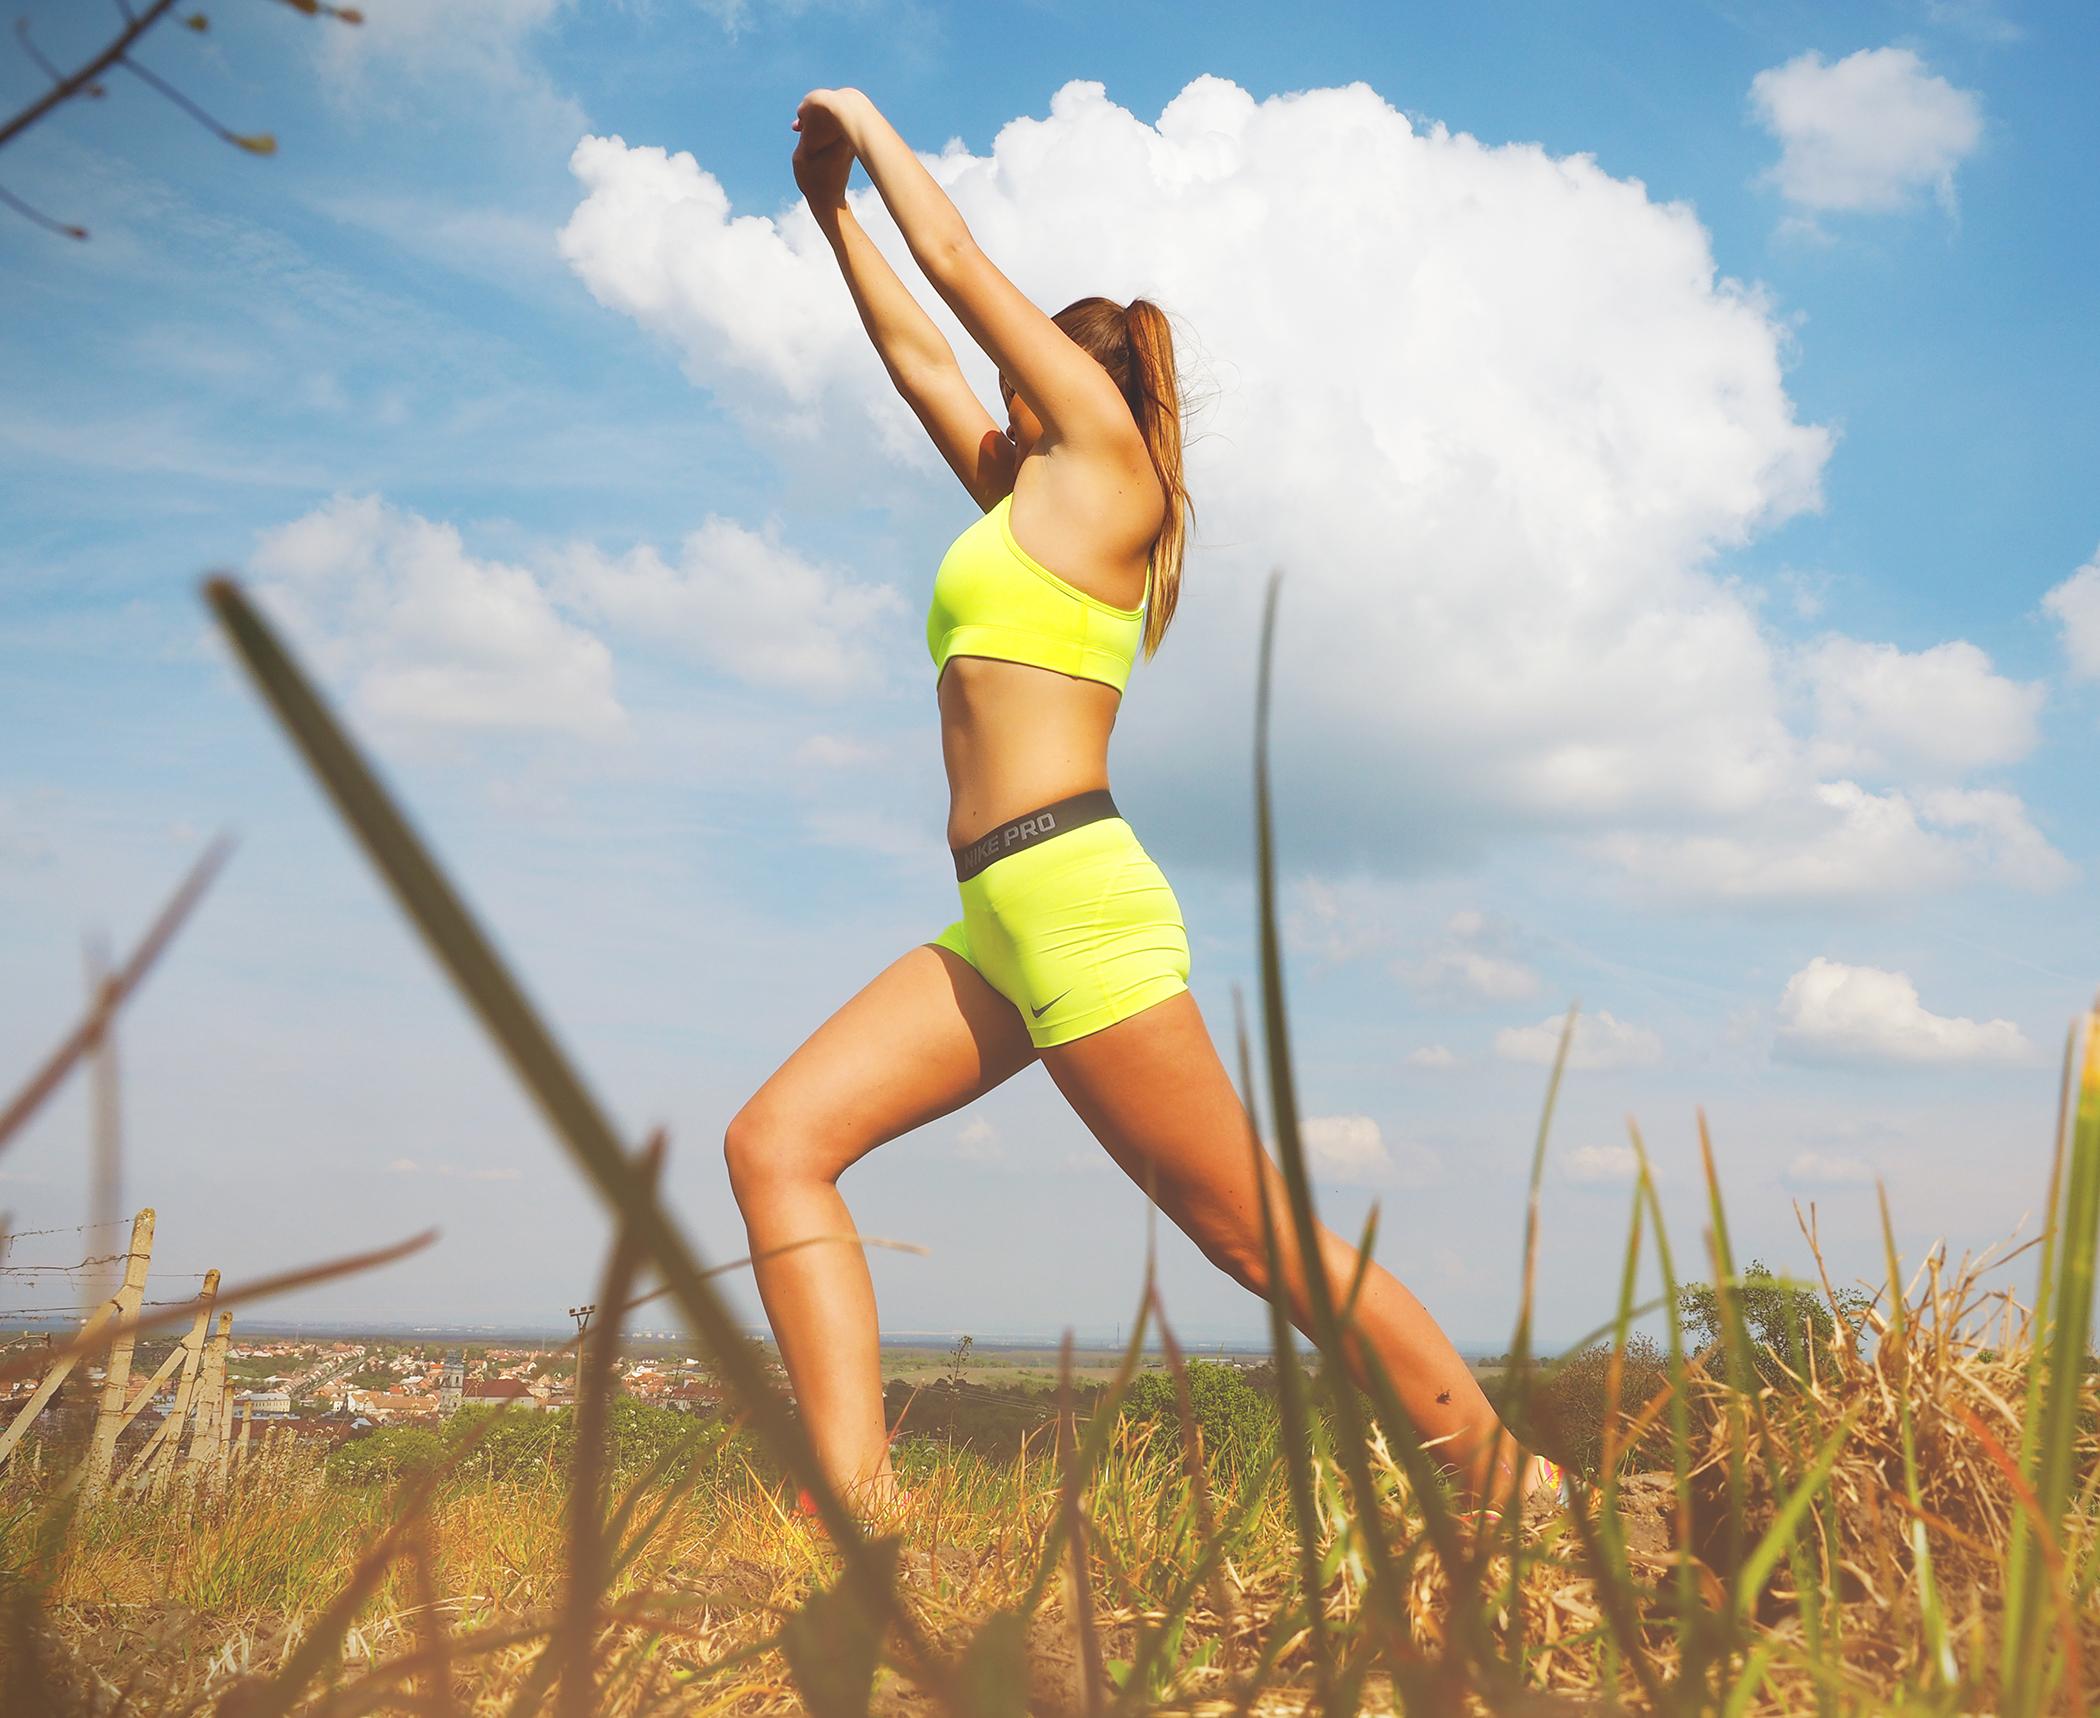 Gesundheit und Fitness fördern